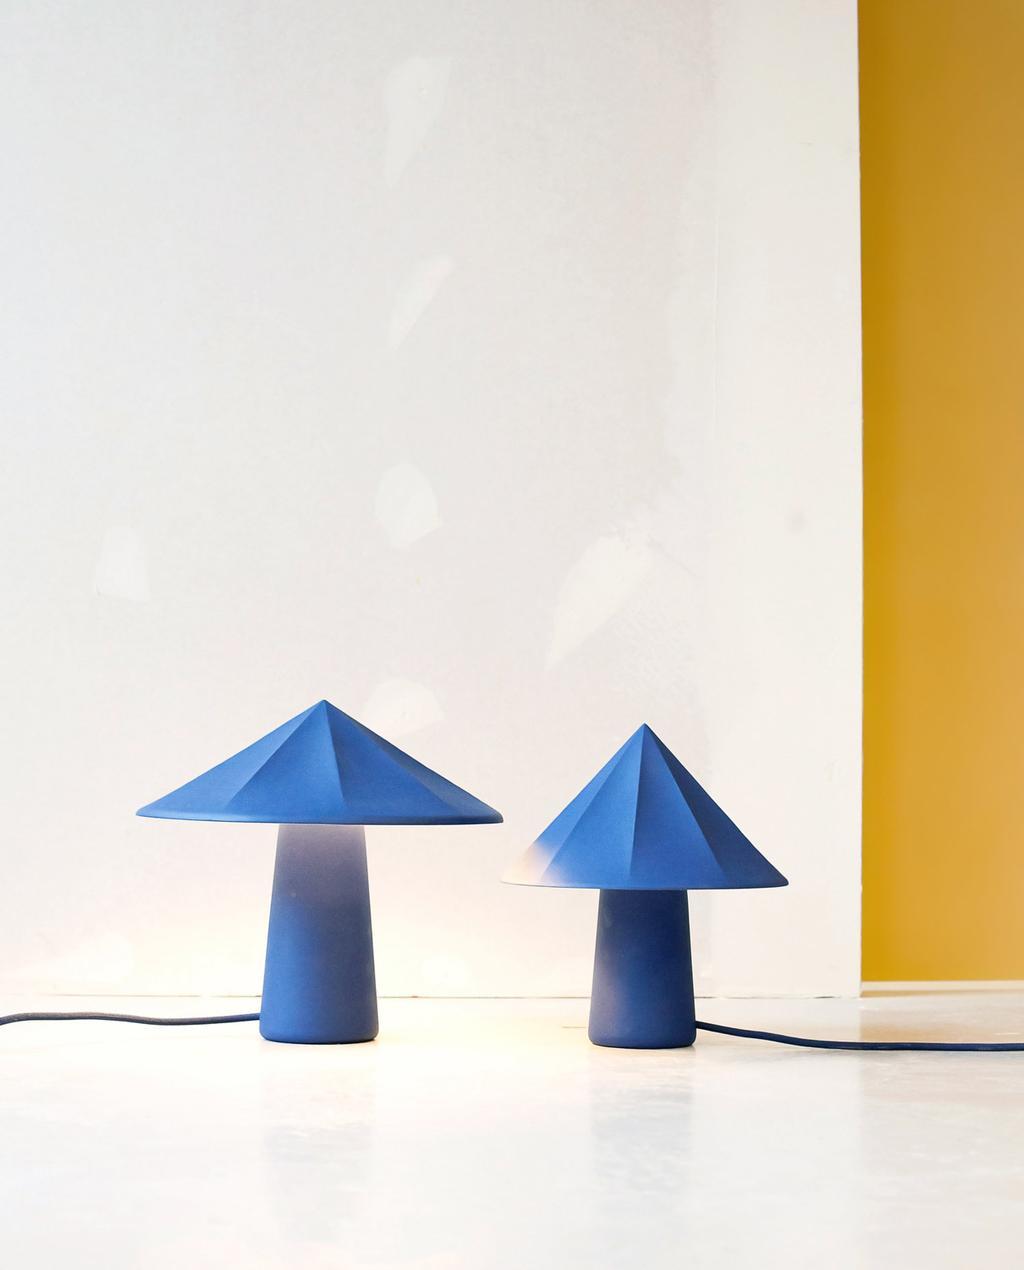 vtwonen studnetdesign | lampjes van blauw keramiek